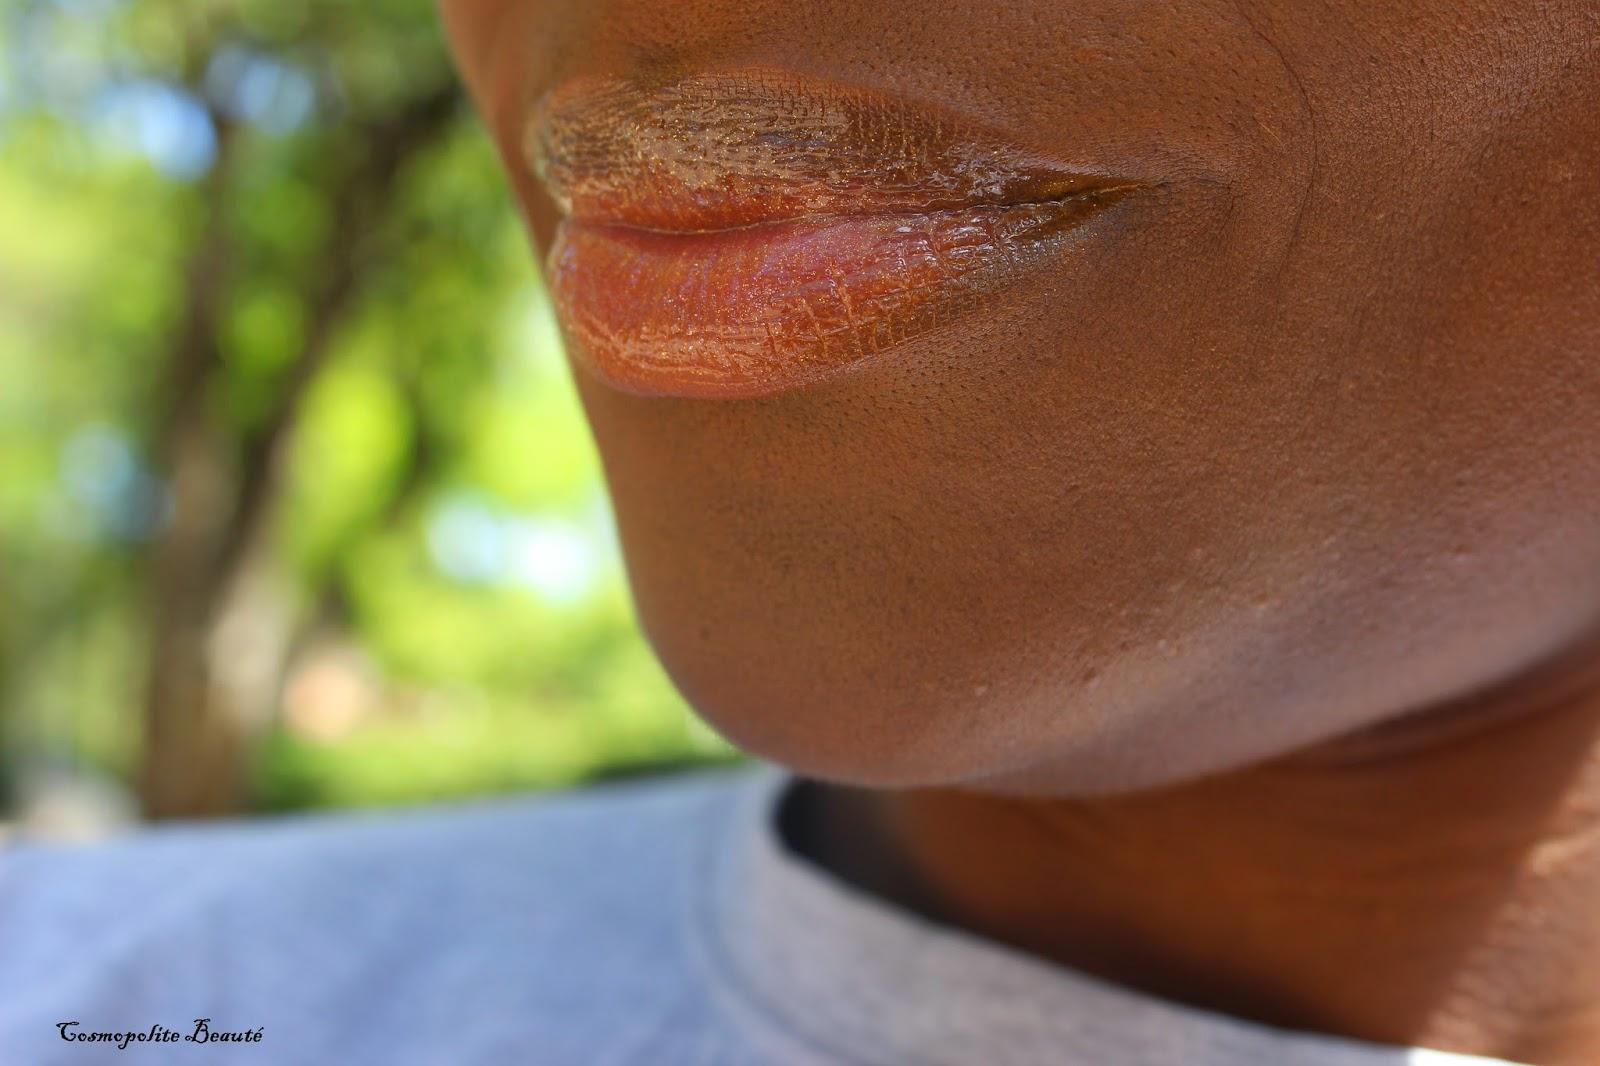 Gloss,effet 3D de Bourjois couleur Or Fééric, lèvres, rouge à lèvres, maquillage